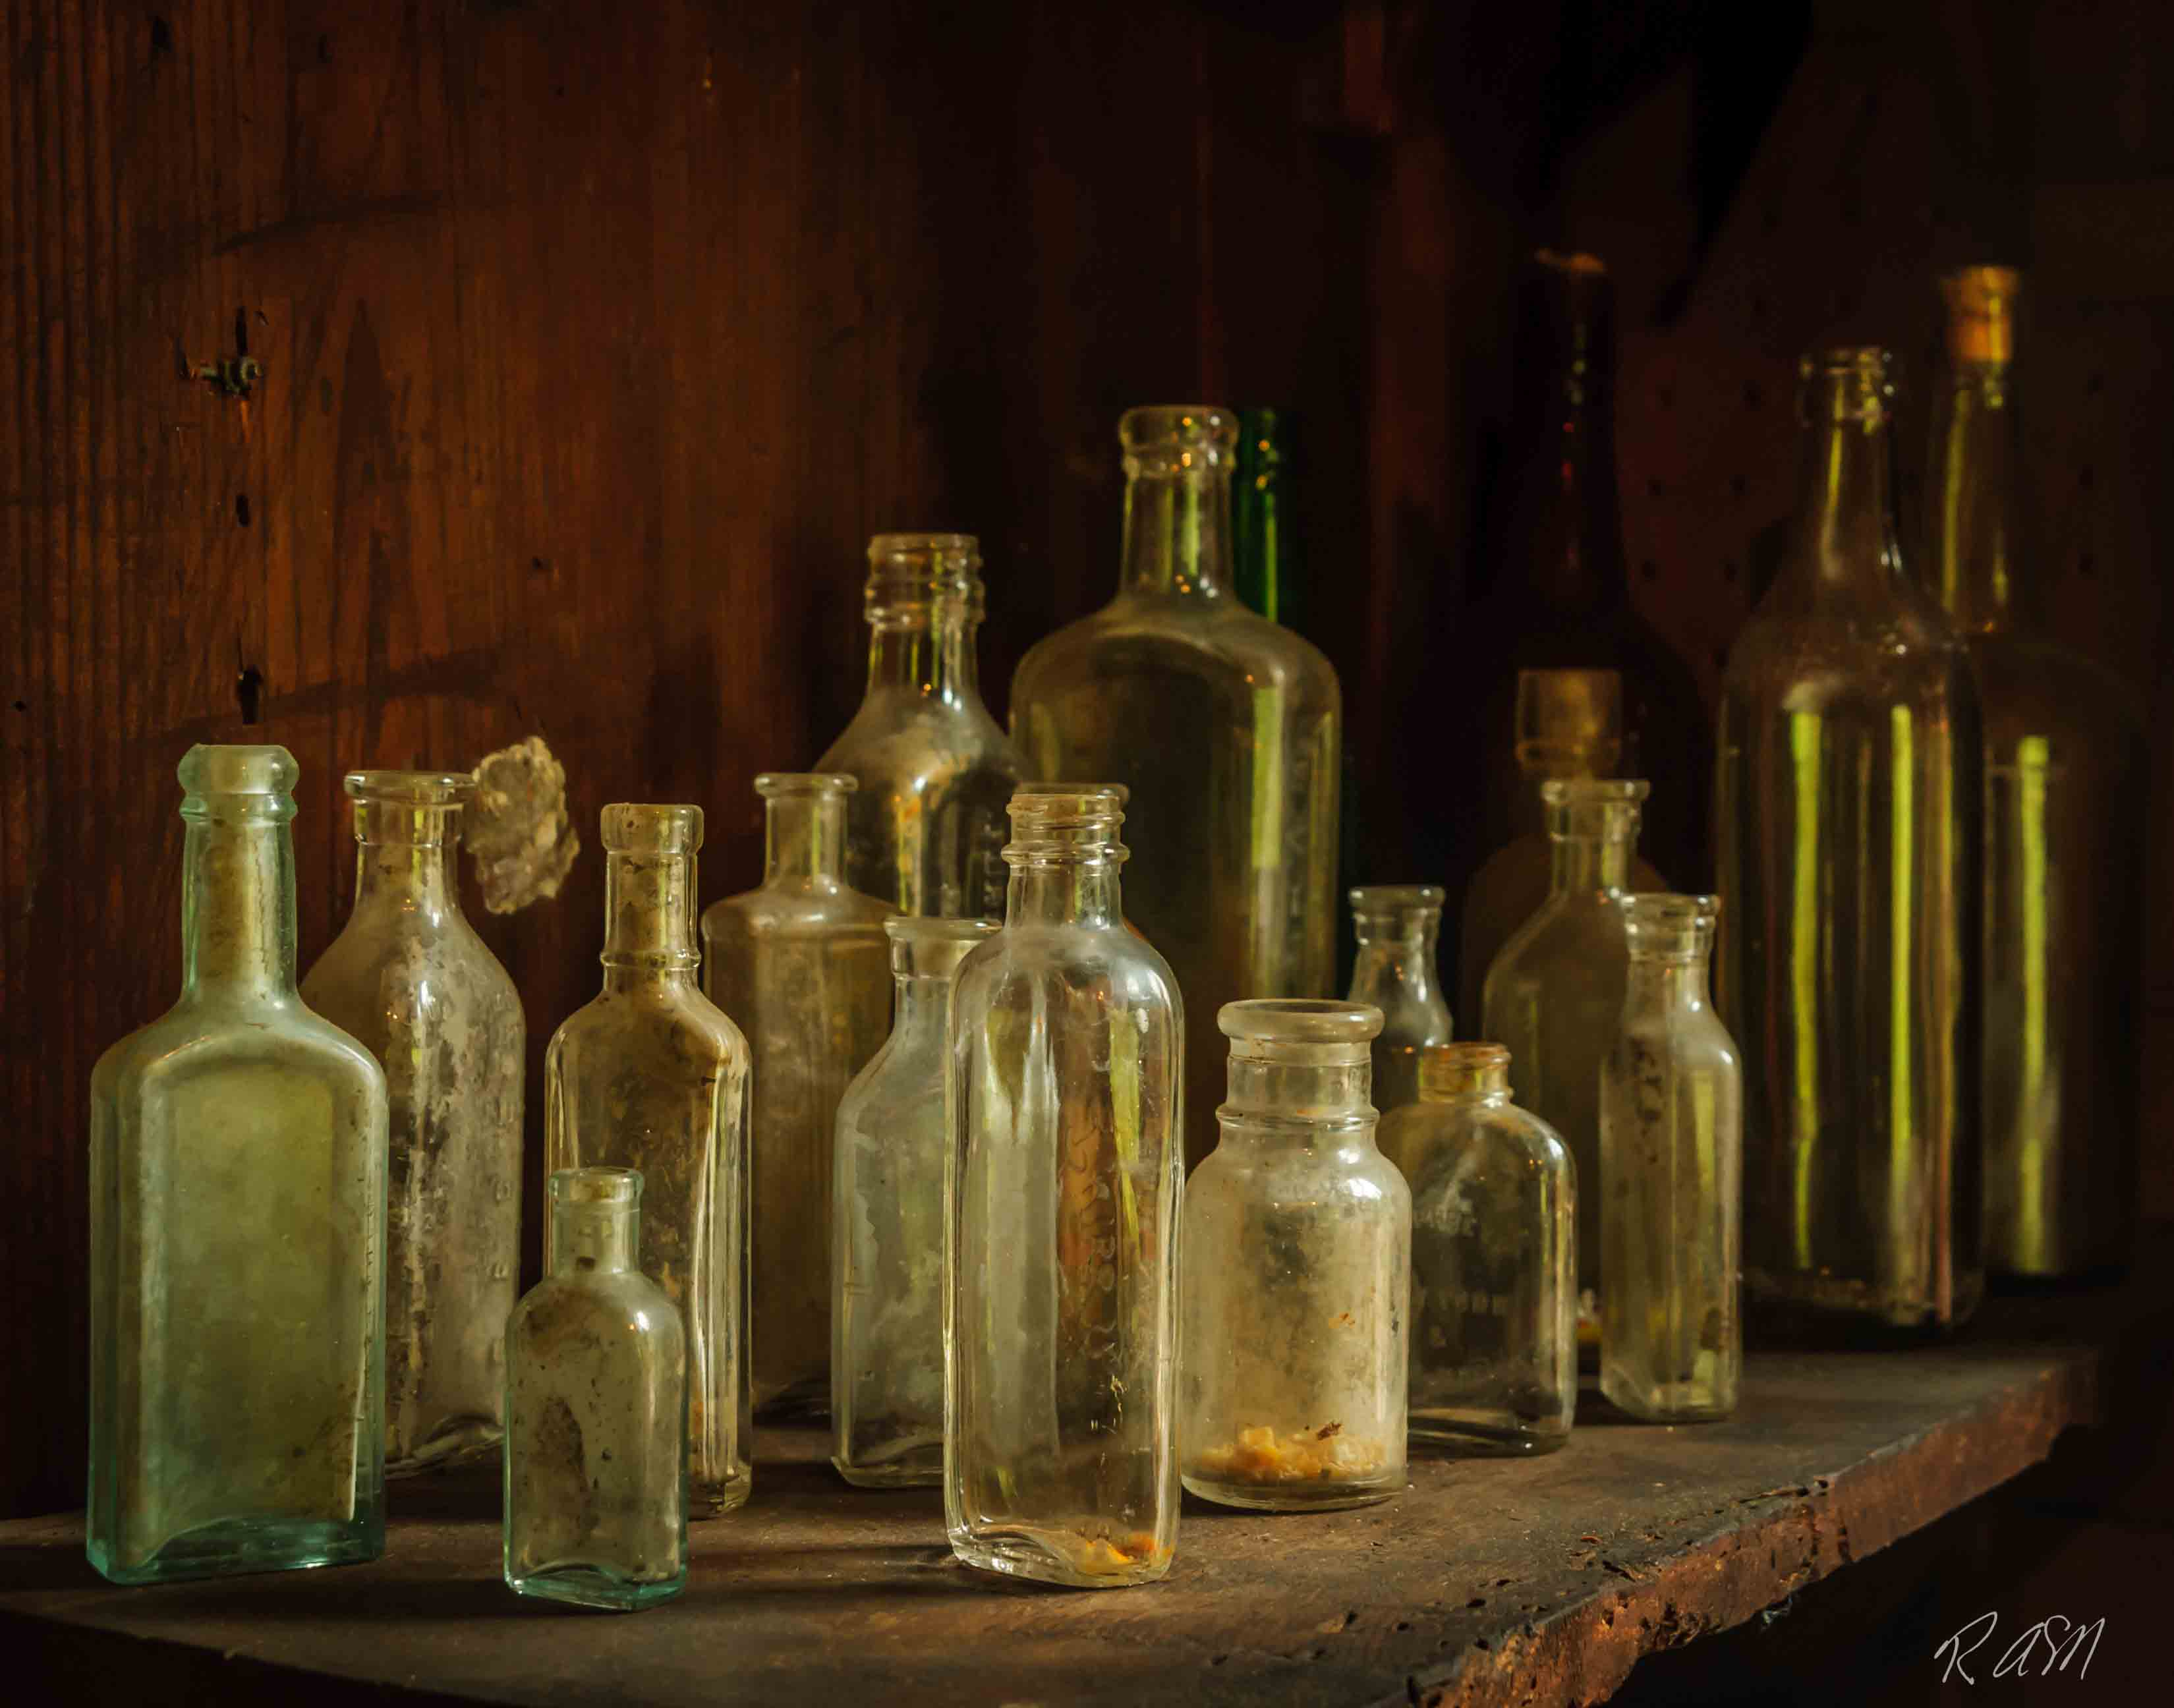 Shoaff's Bottles 2